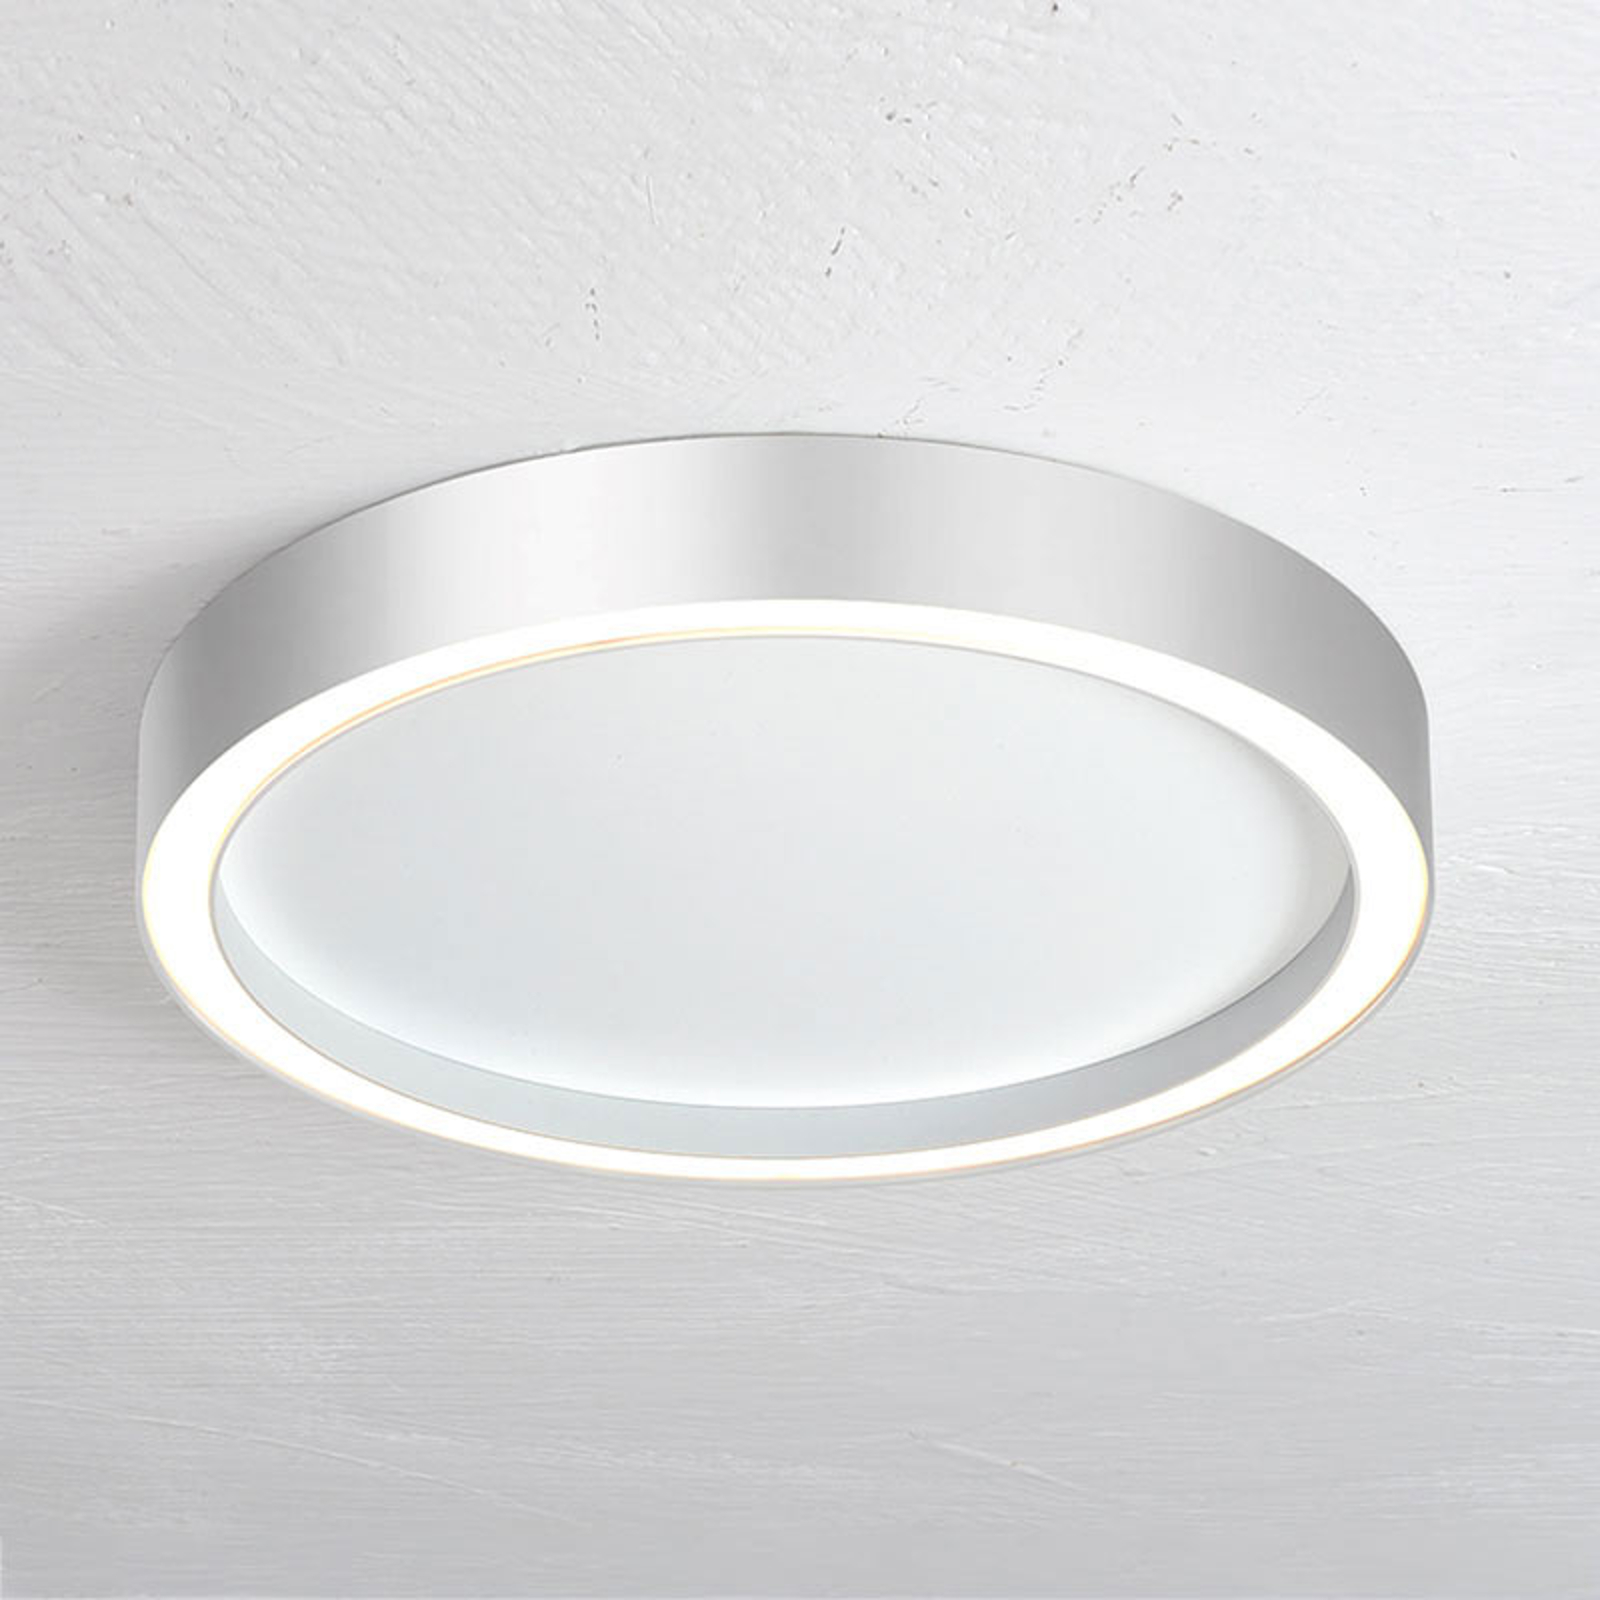 Bopp Aura LED-taklampe med Ø 55cm hvit/aluminium